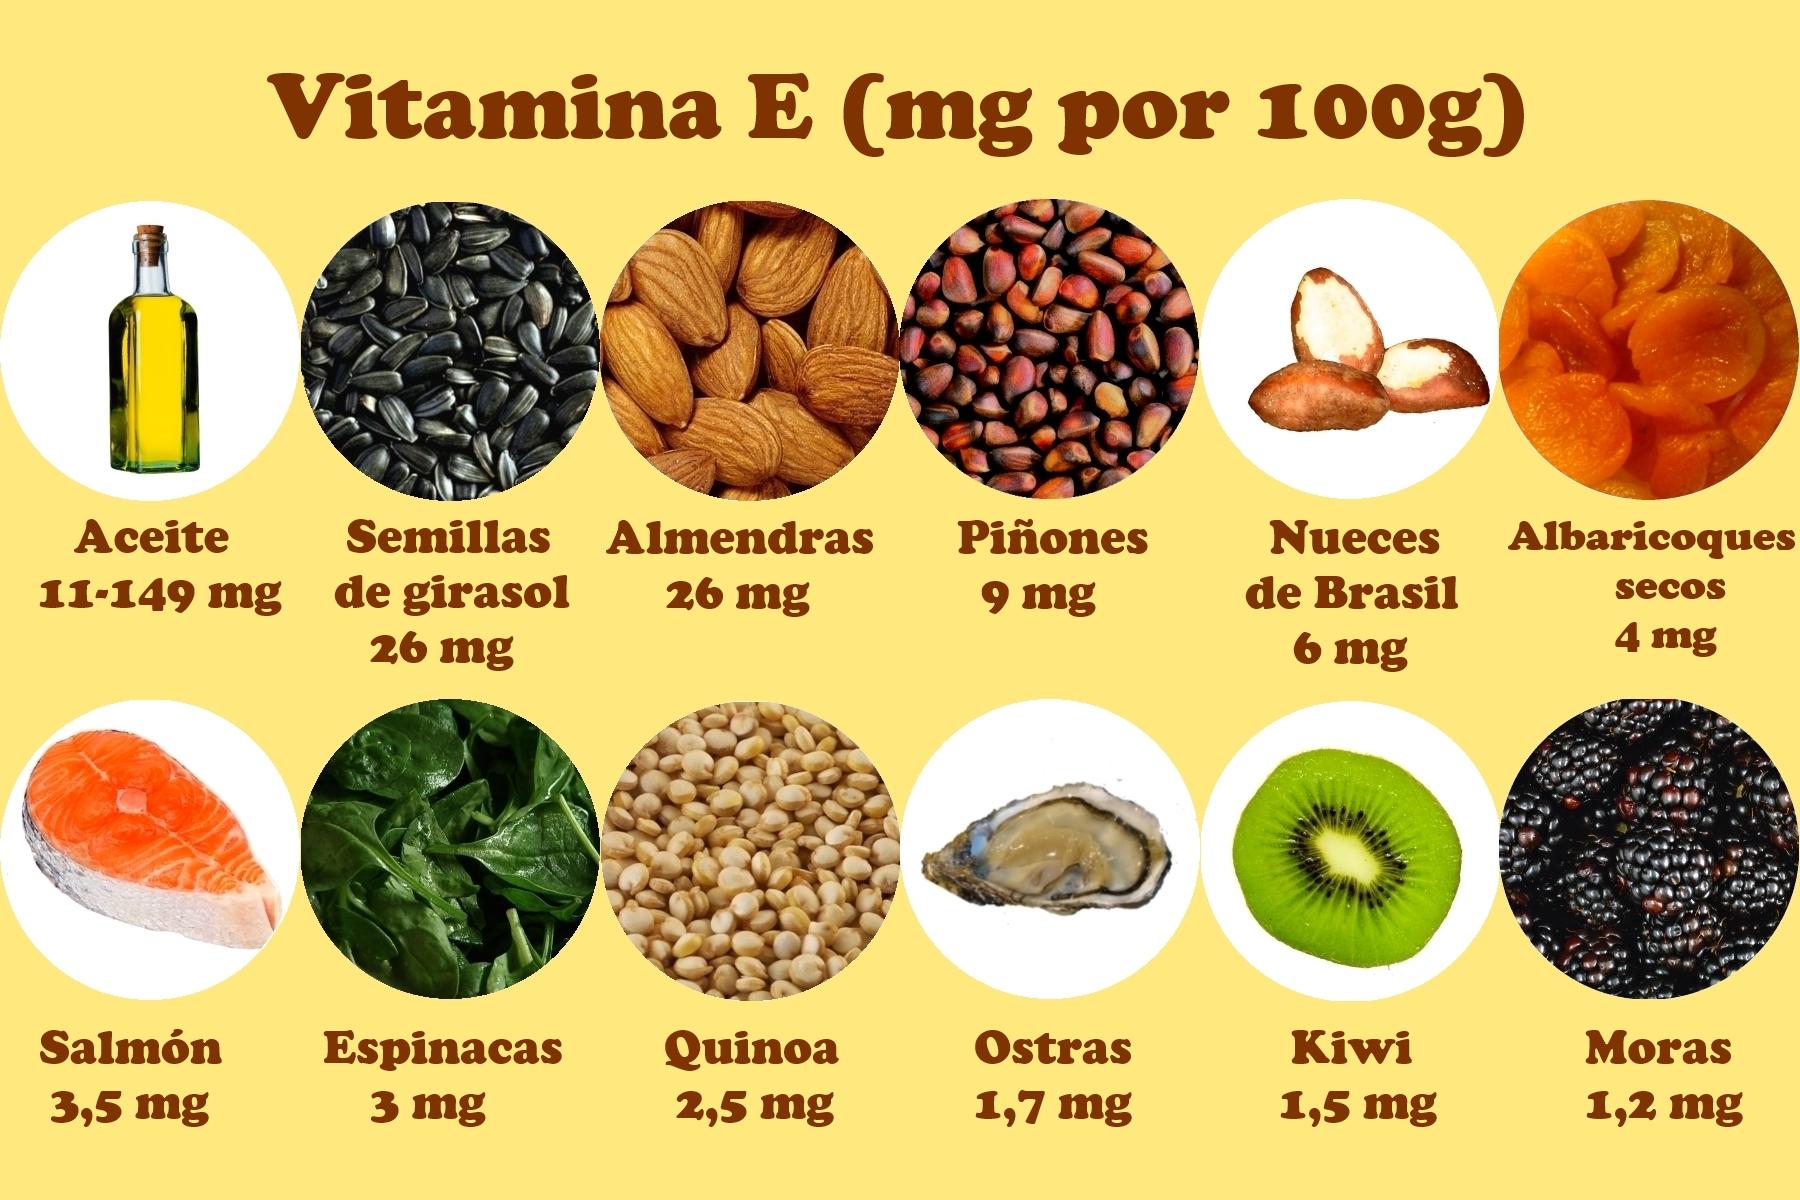 Vitamina E: propiedades, beneficios y contraindicaciones